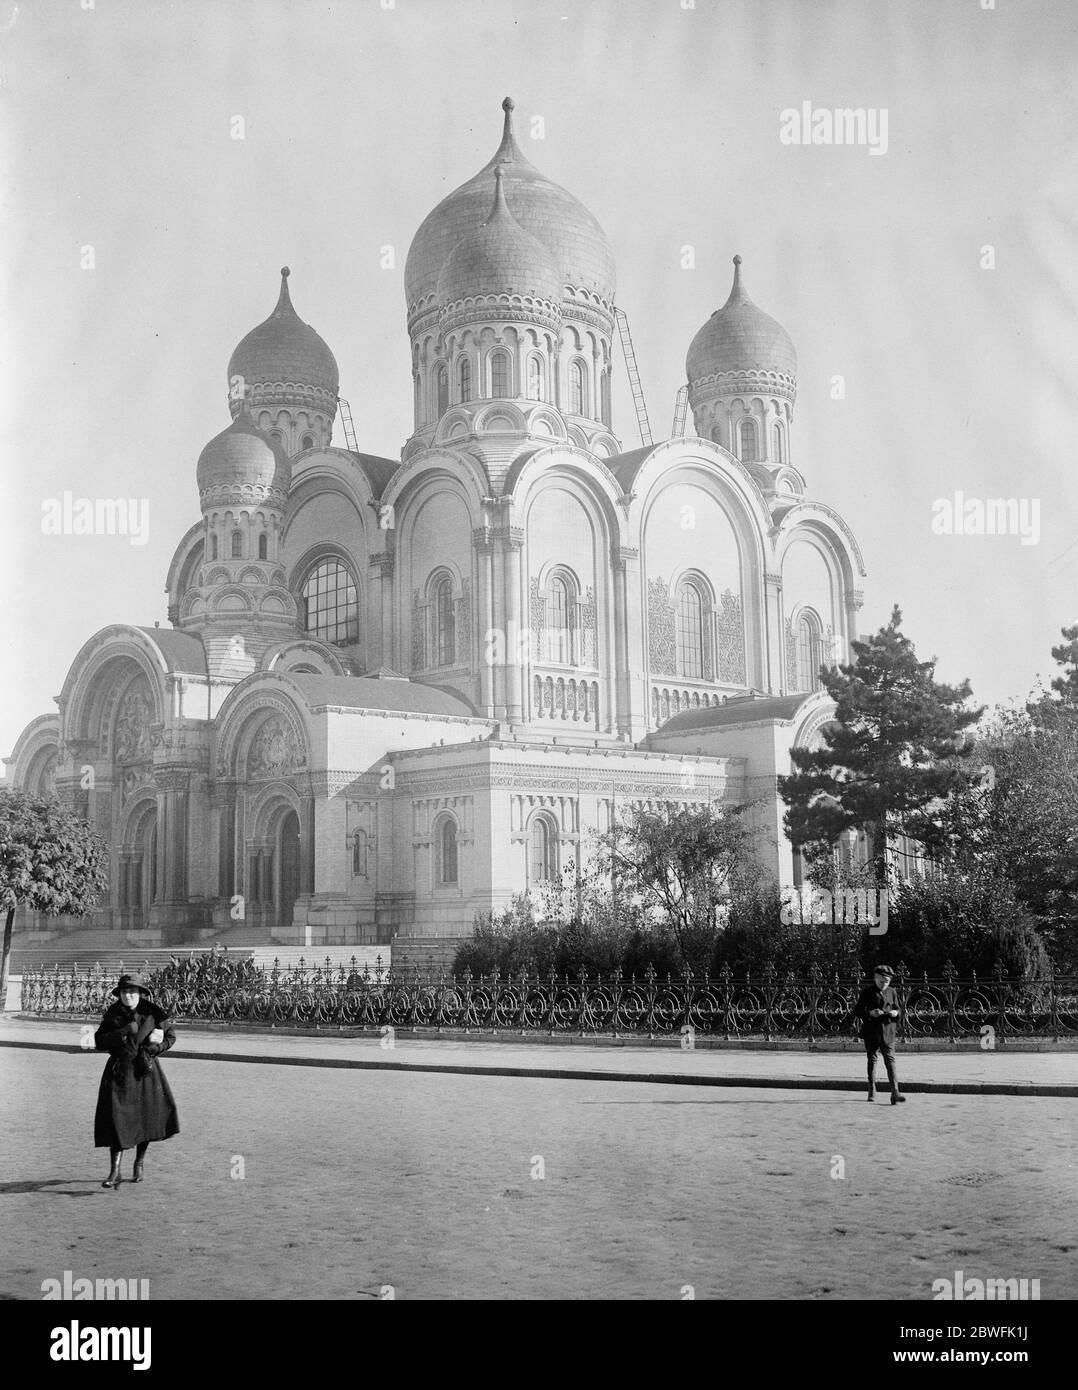 Varsovie Pologne l'église russe de Varsovie qui doit être transformée en cathédrale catholique romaine . A été utilisé comme quartier général à des fins militaires allemandes 25 octobre 1921 Banque D'Images